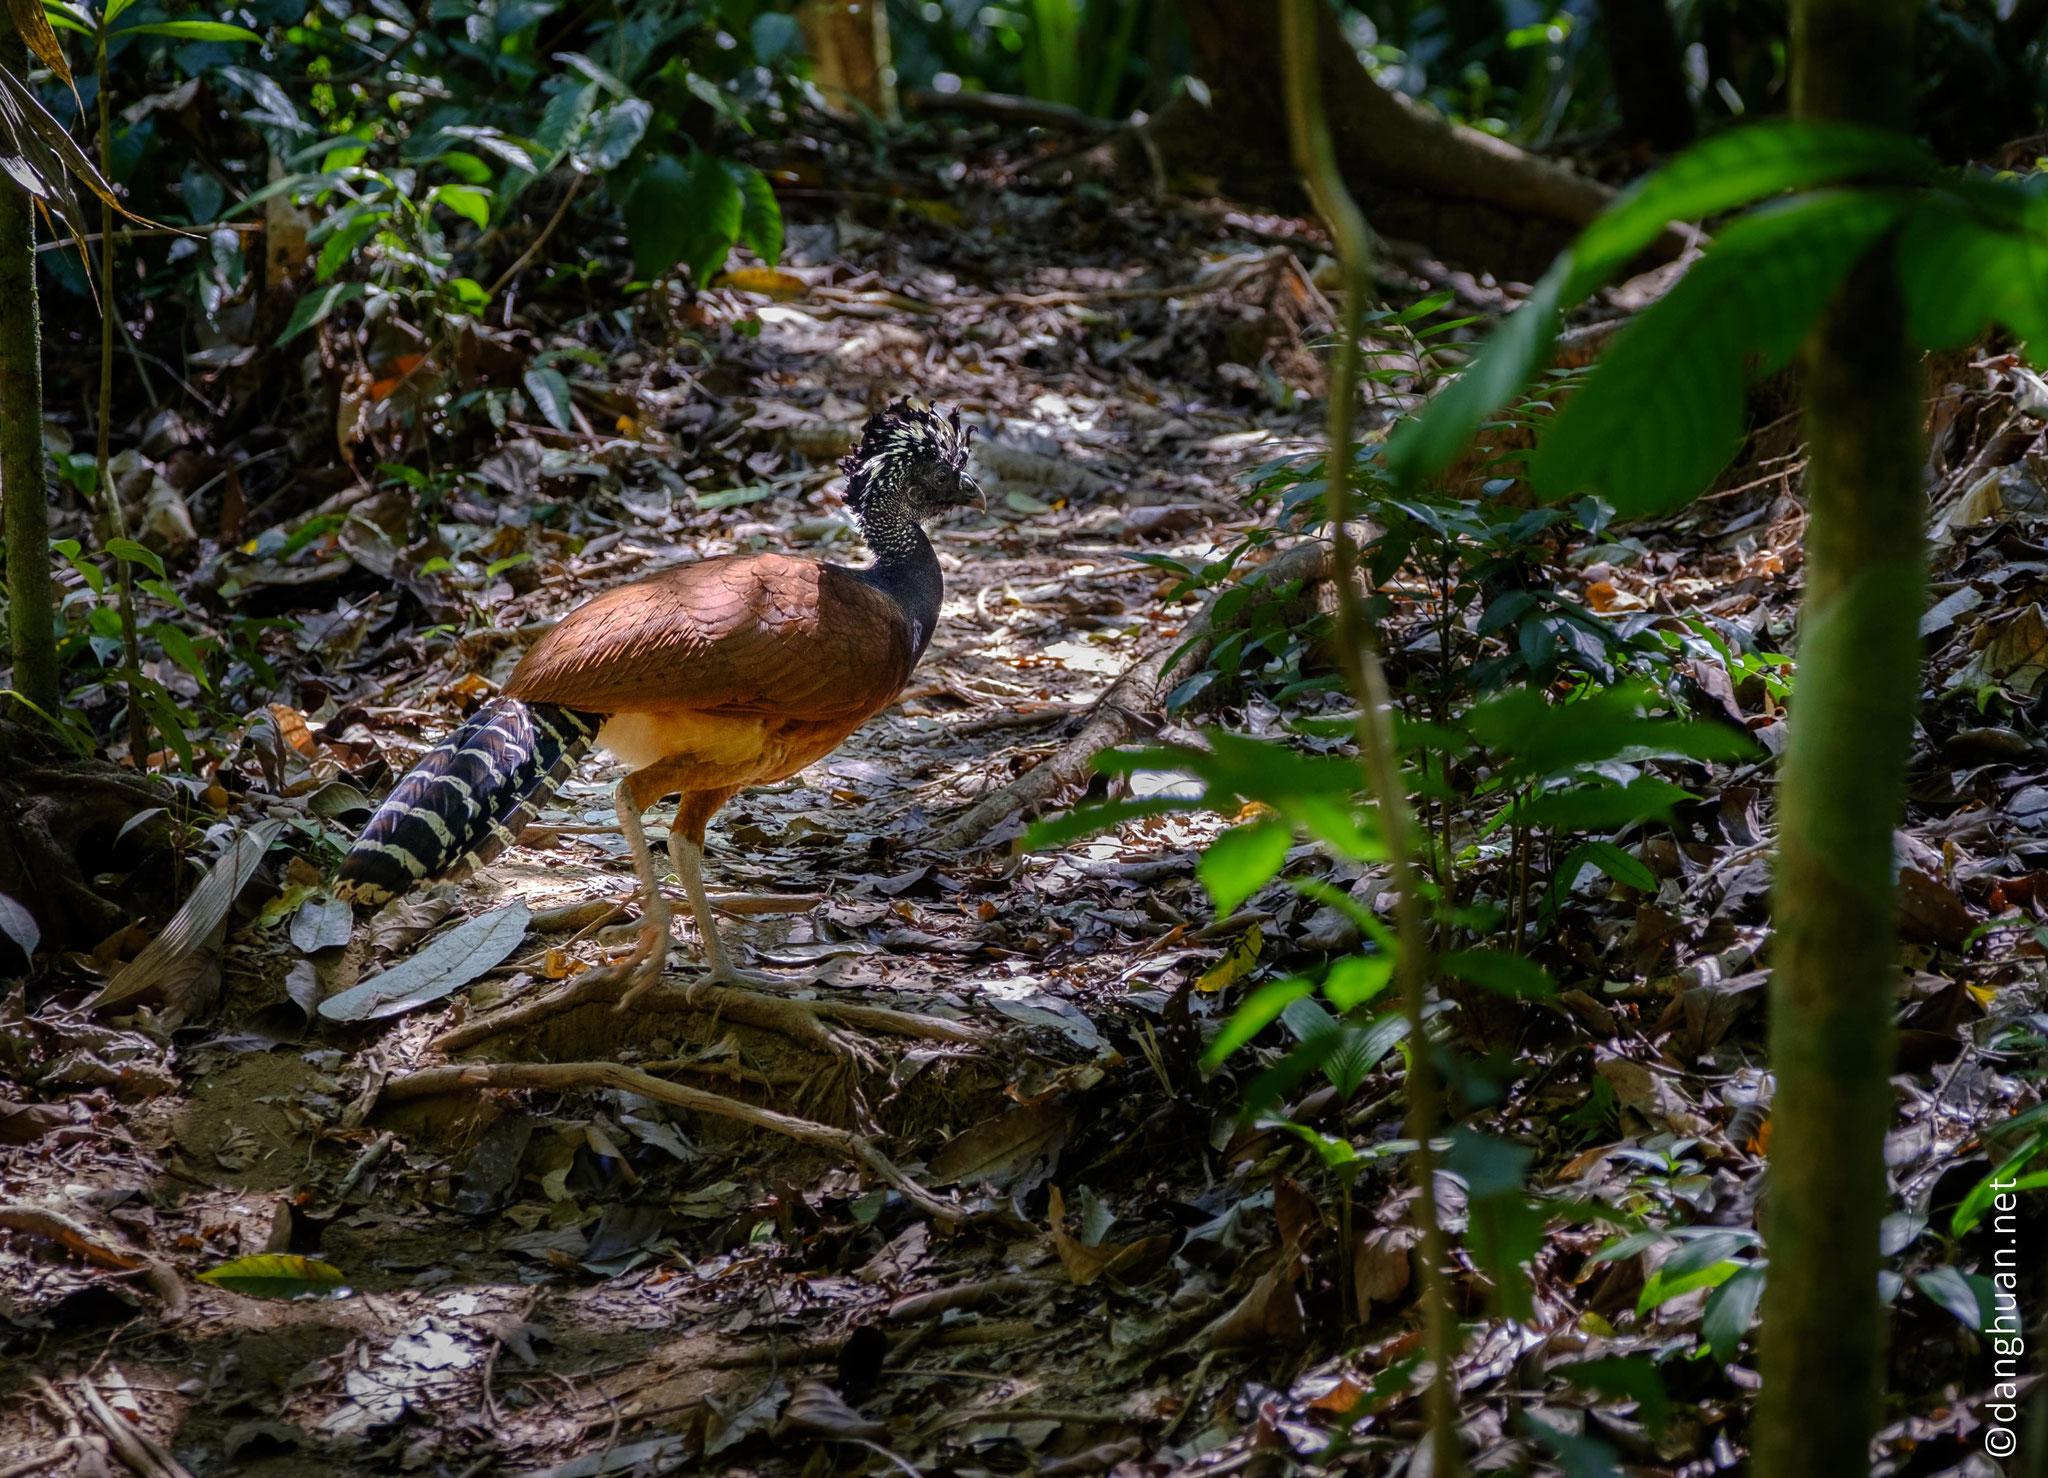 Hocco - les Cracinés sont les oiseaux endémiques des forêts de la zone néotropicale d'Amérique du Sud